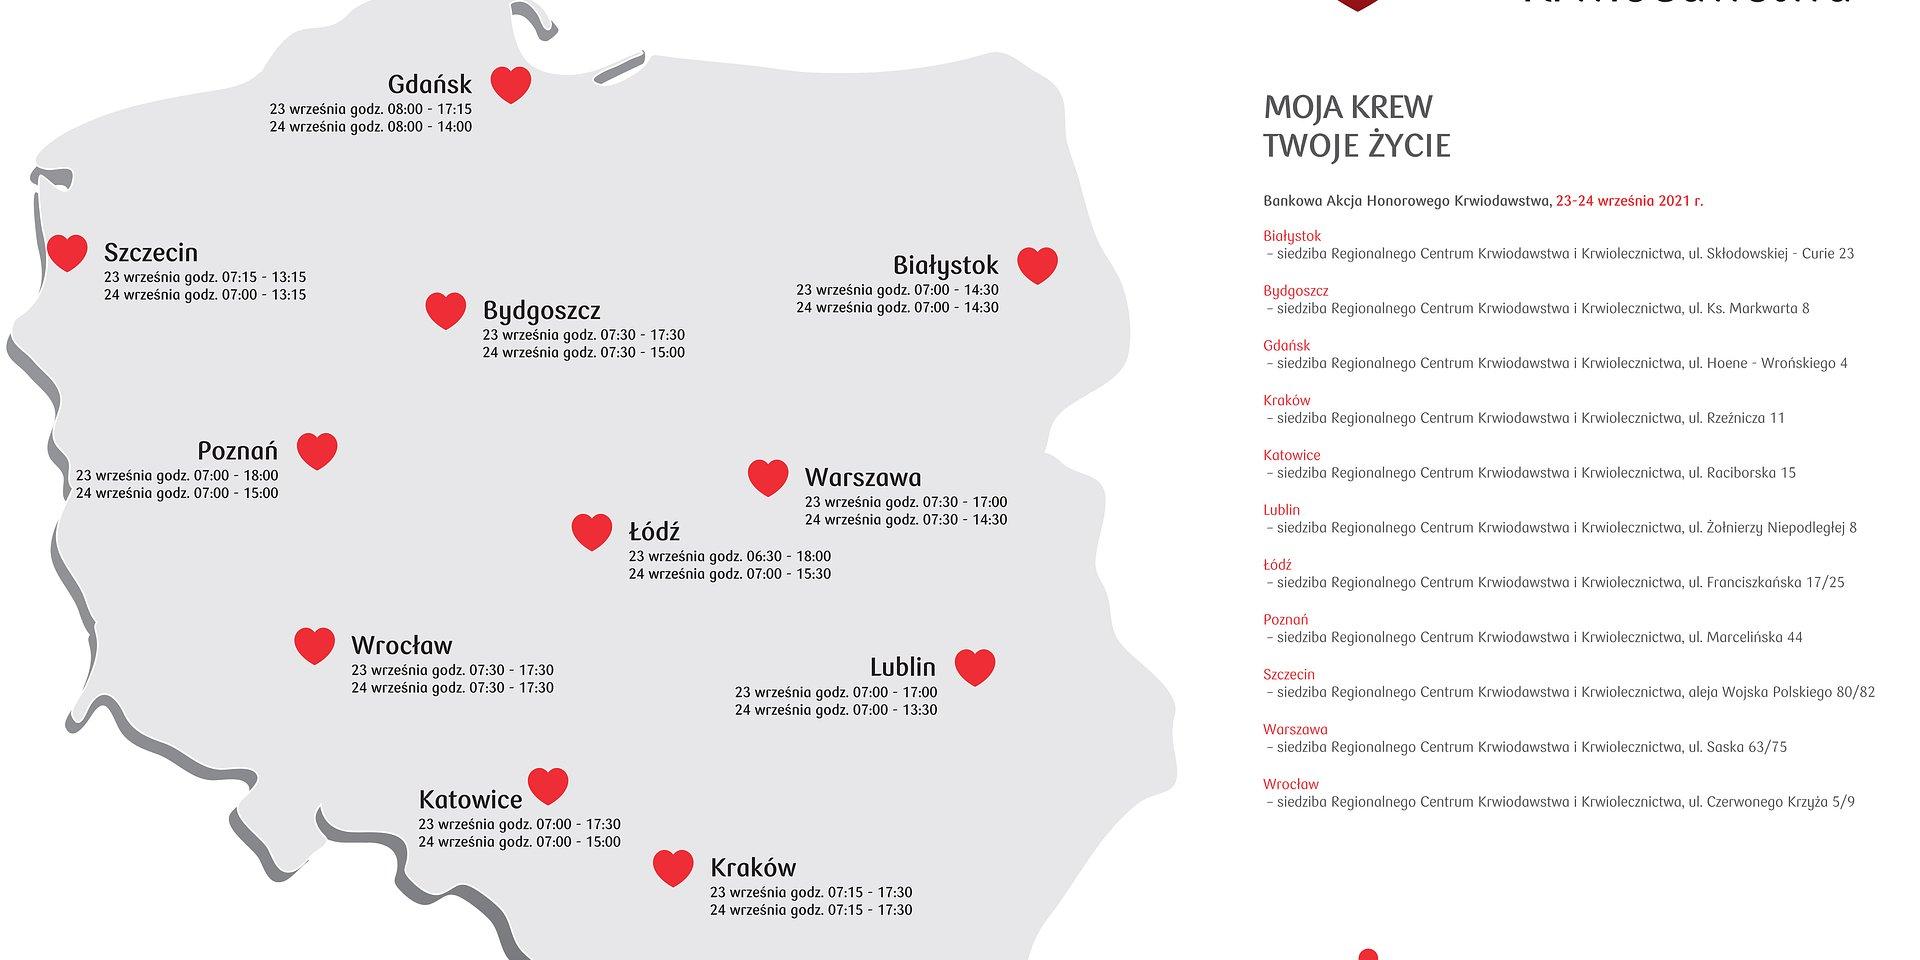 Jesienna Bankowa Akcja Honorowego Krwiodawstwa w Białymstoku – 23 i 24 września.